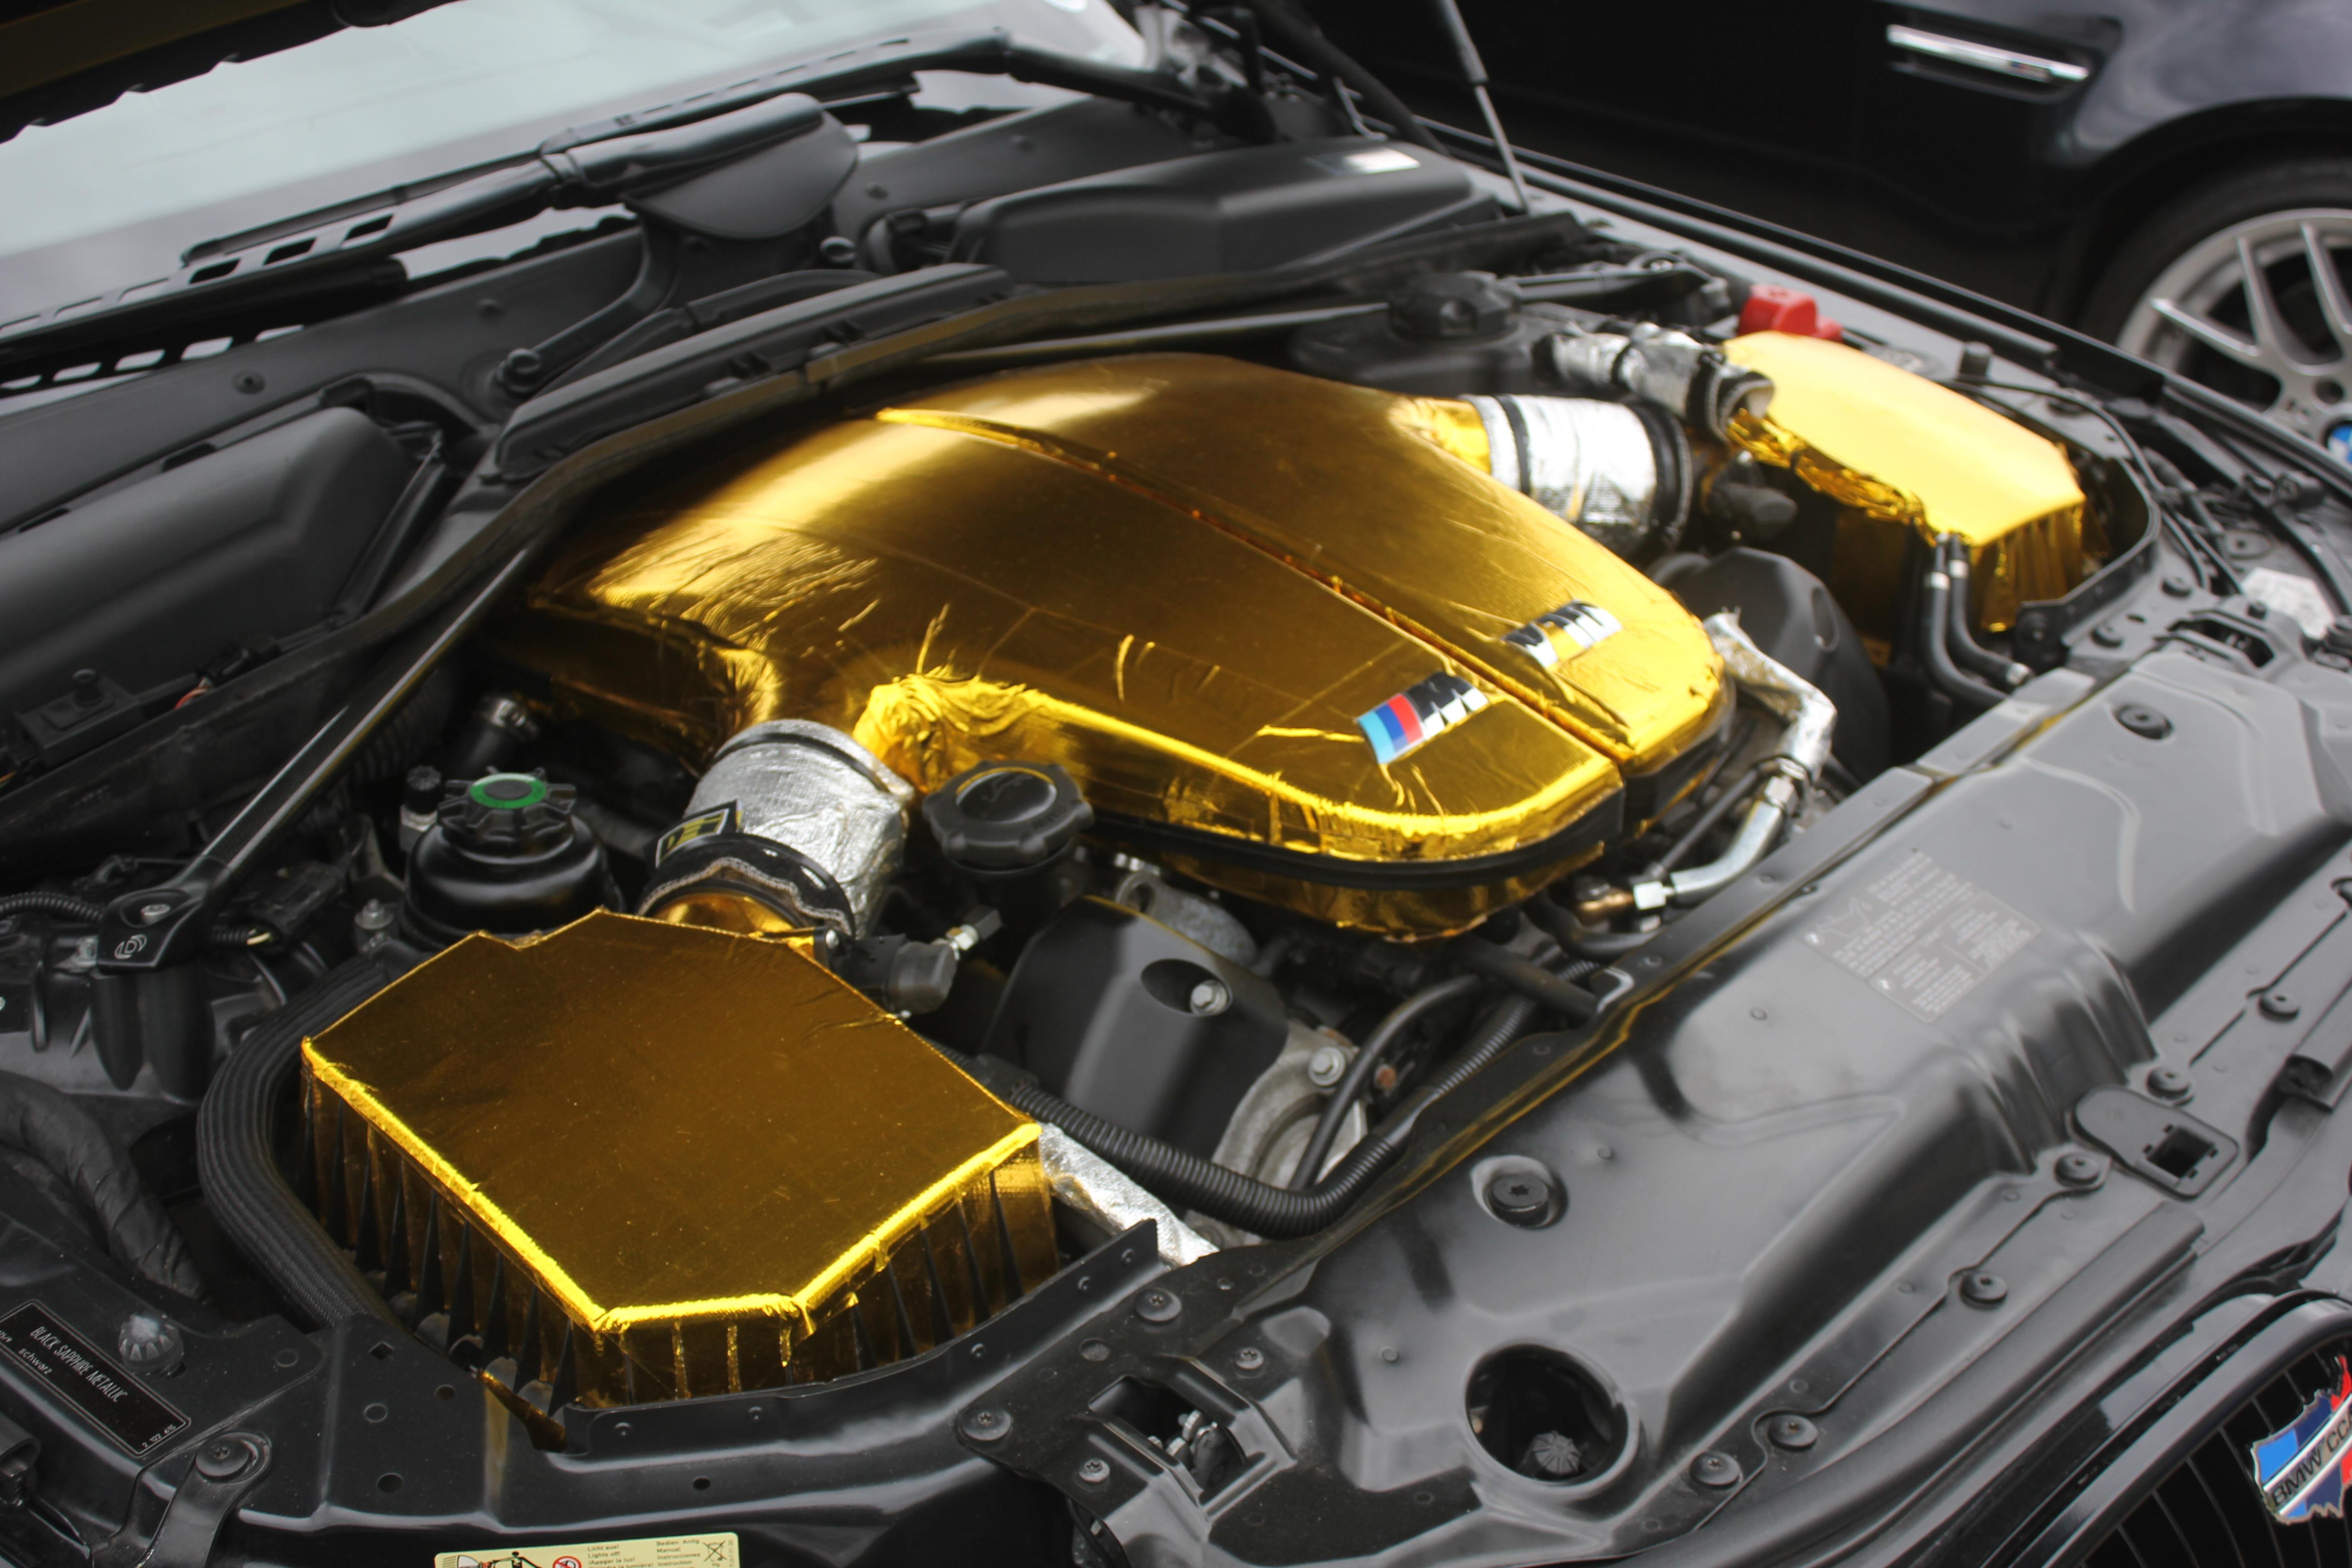 E60-M5-Engine-Bay-Closeup